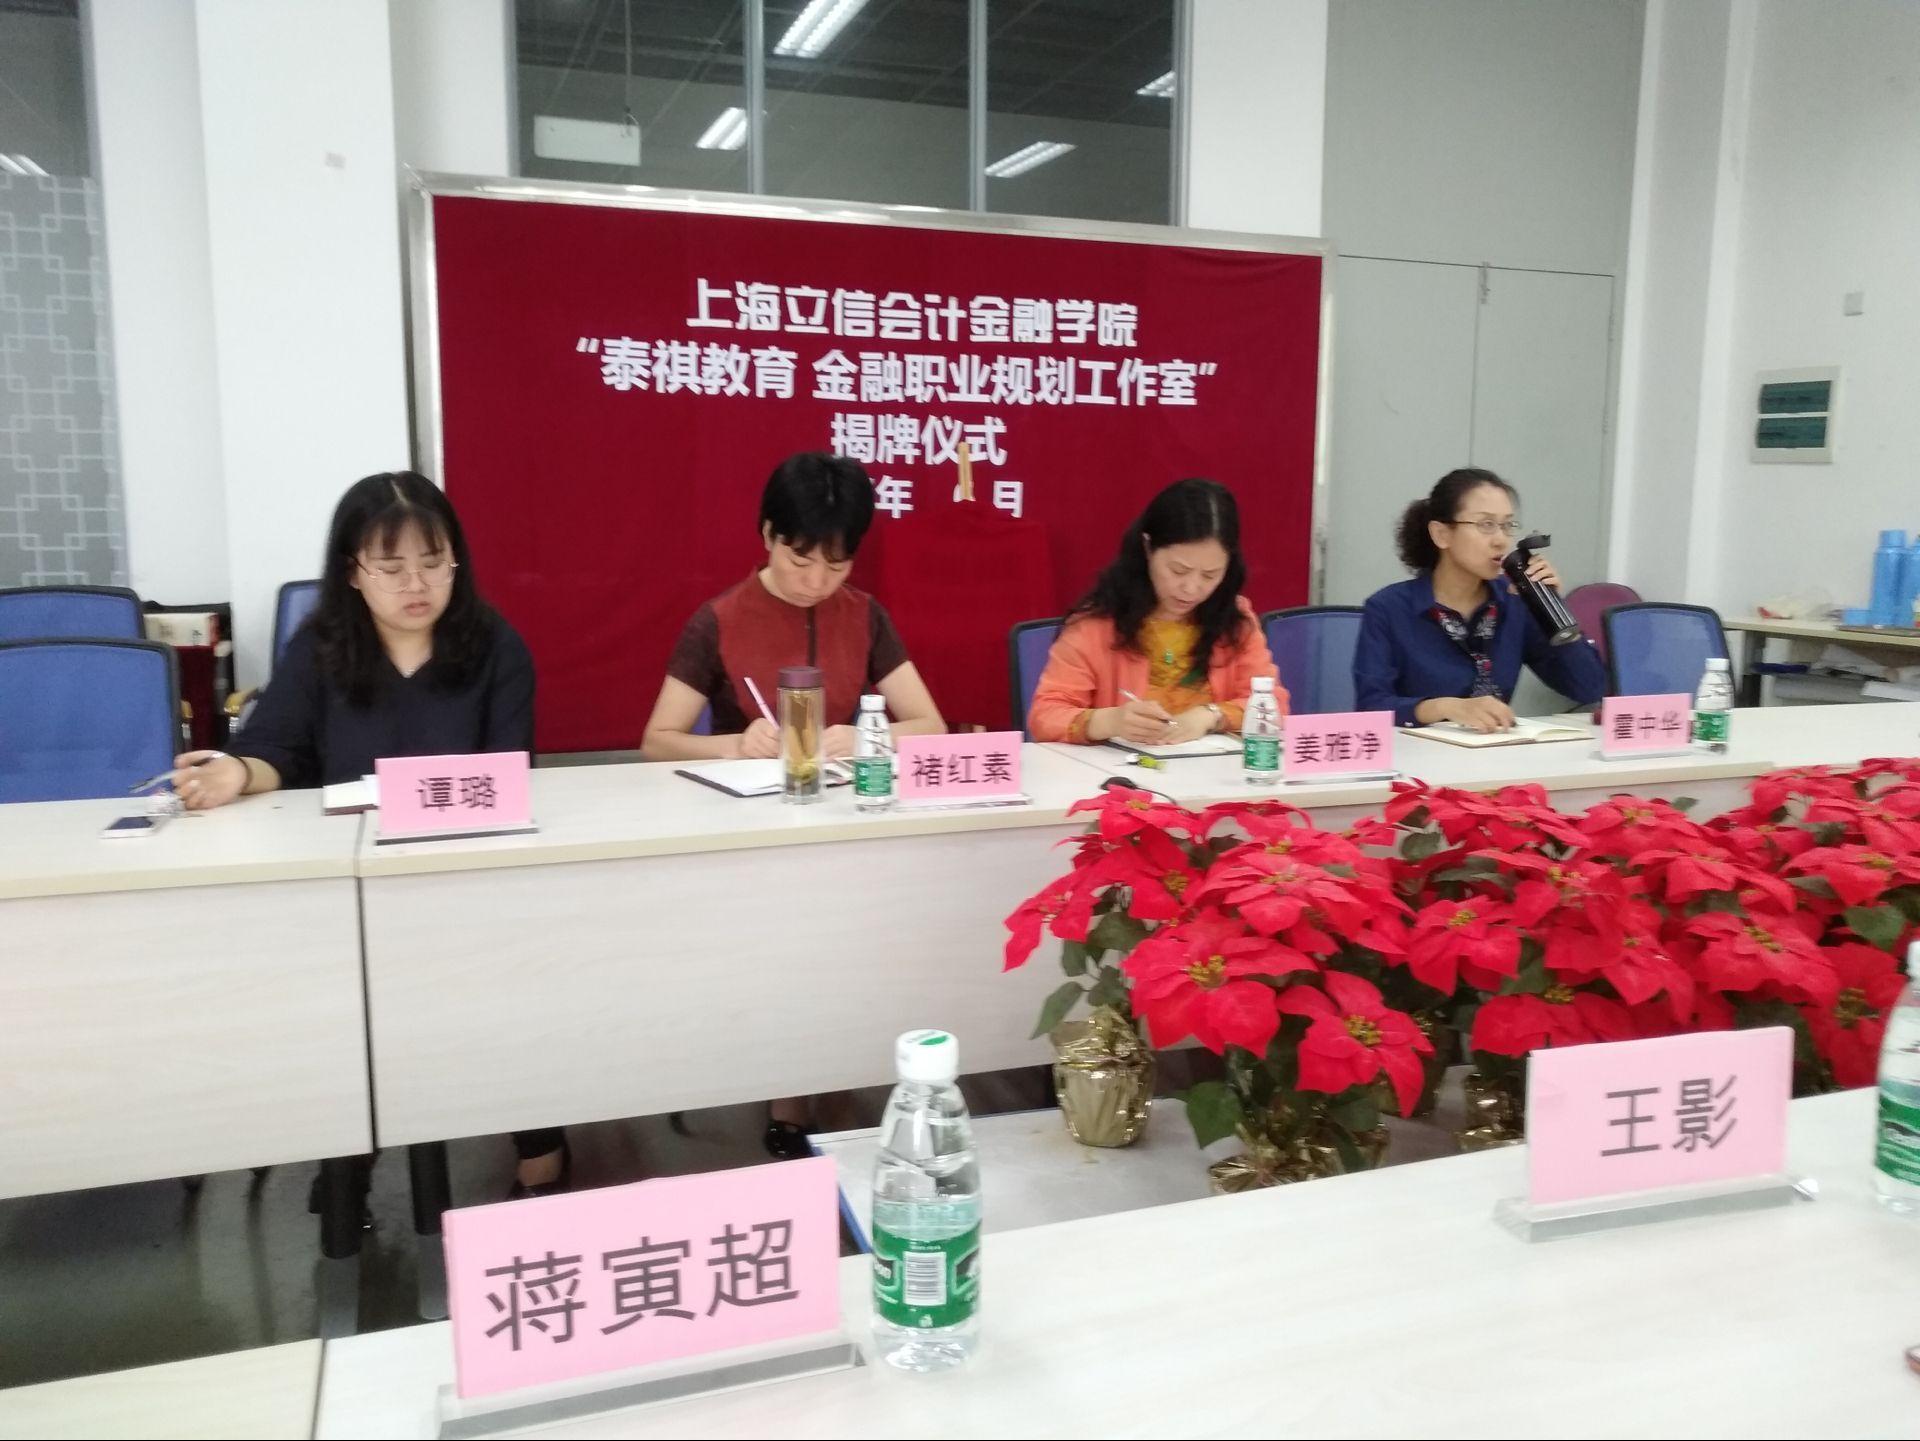 泰祺教育集团到场嘉宾领导:   王影:泰祺教育集团副总裁兼任上海总校